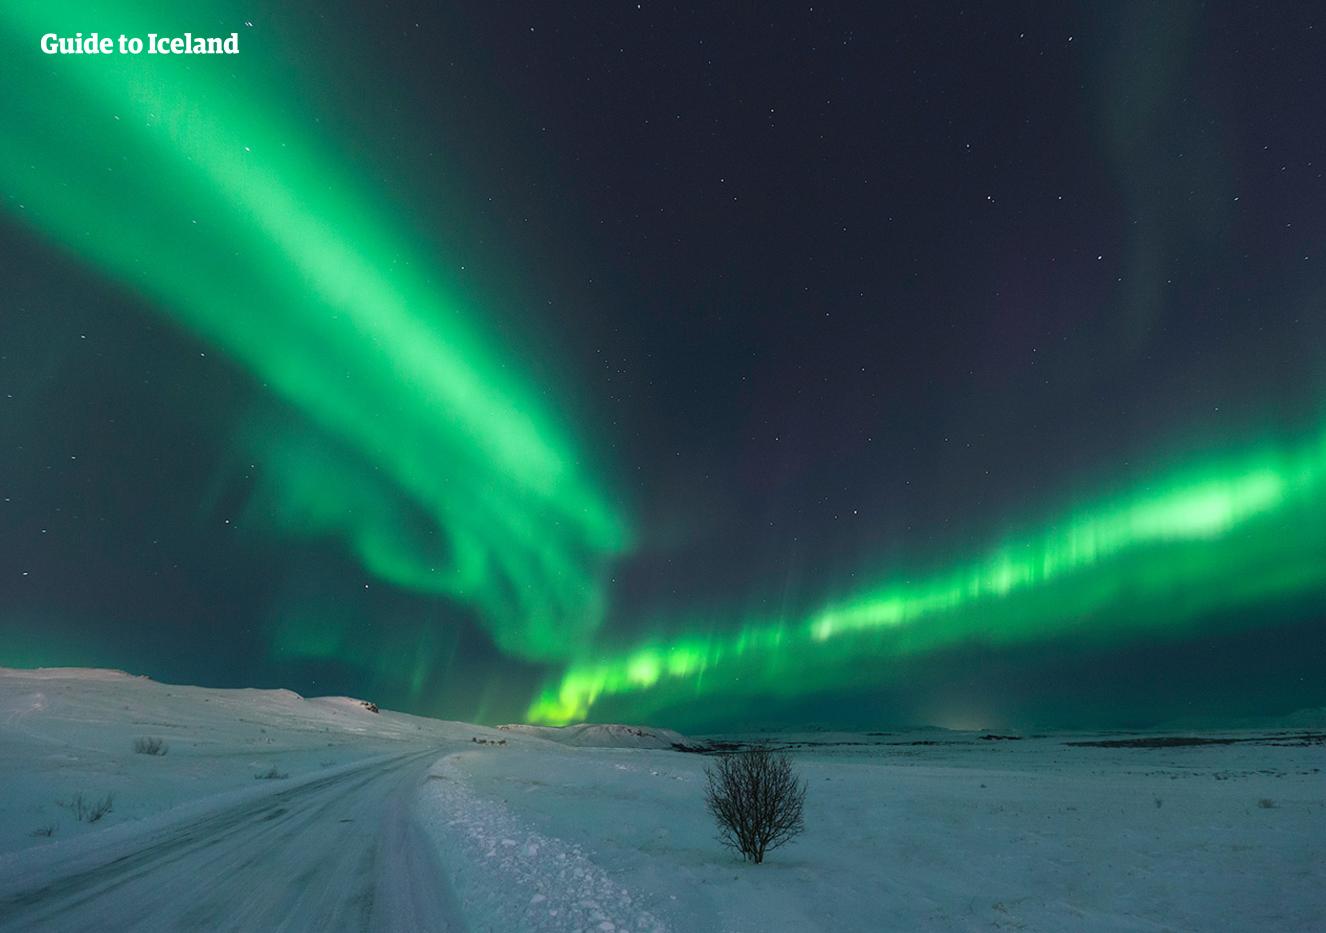 在冰岛冬季自驾,您有很大机会在开车途中就看到北极光在你的头顶飞舞